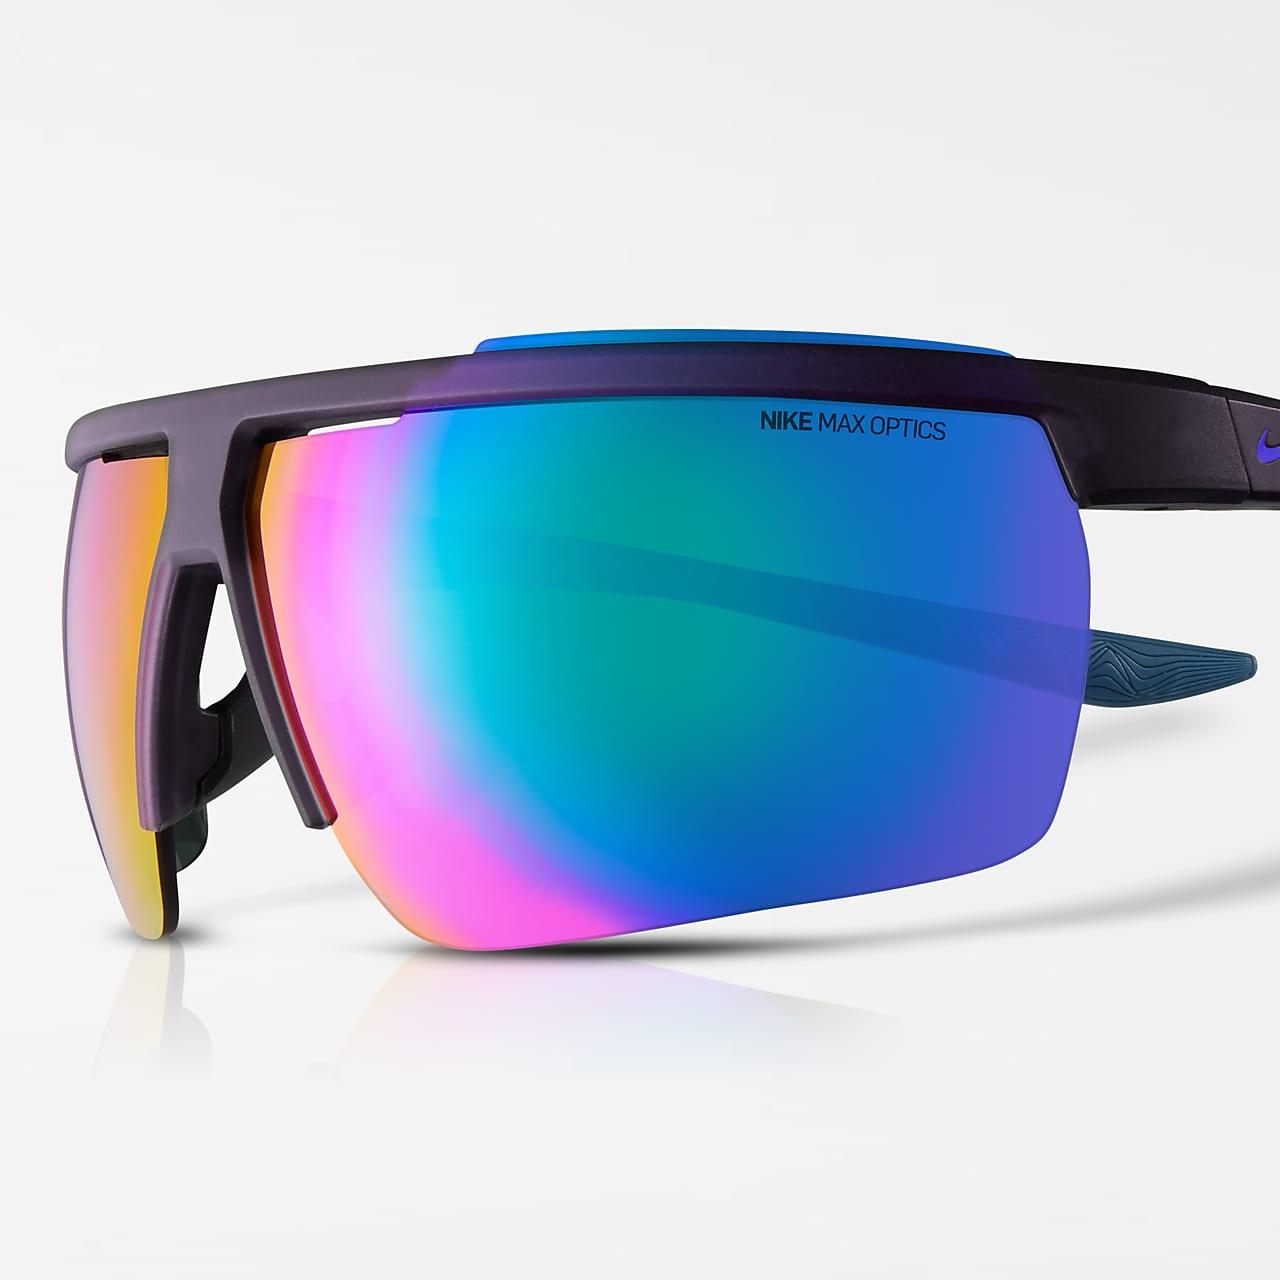 Nike Windshield Mirrored Sunglasses